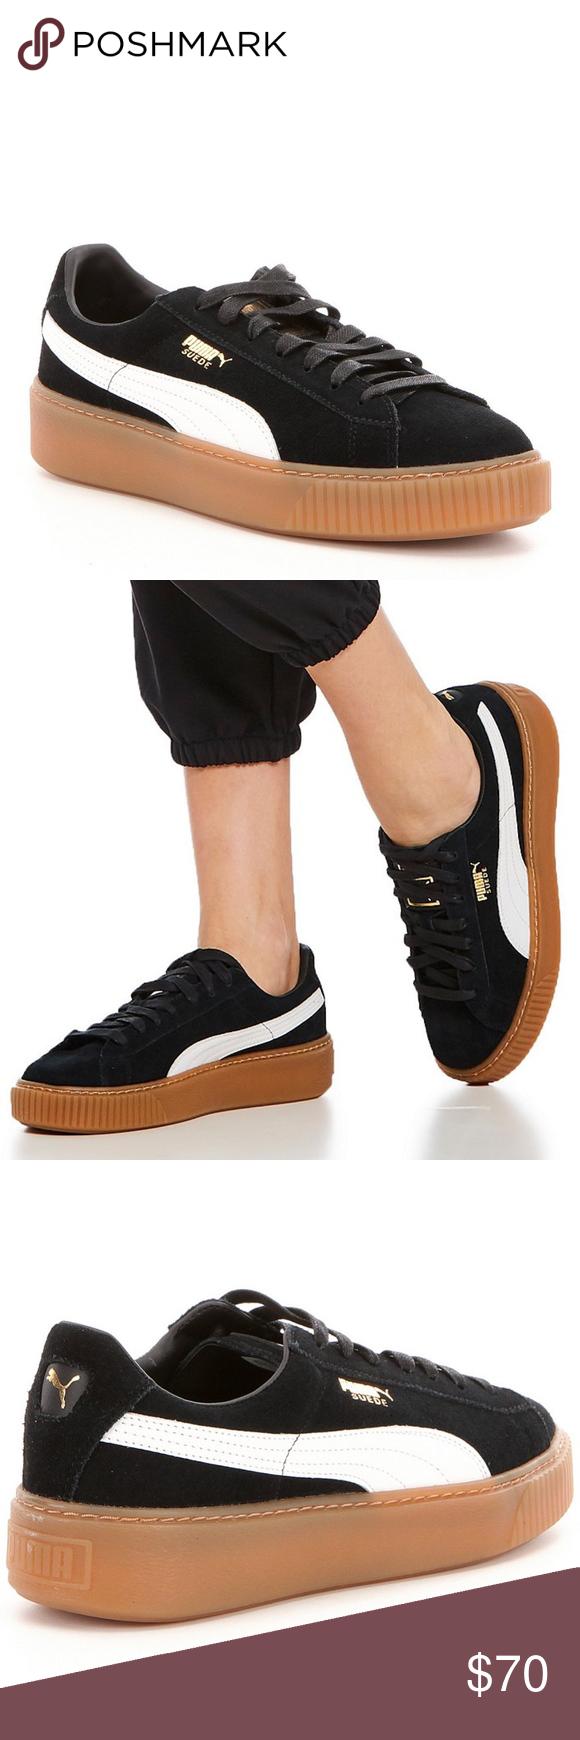 low priced f2b3a 49b62 Puma Shoes | Puma Suede Platform Core Black White Gum Bottom ...